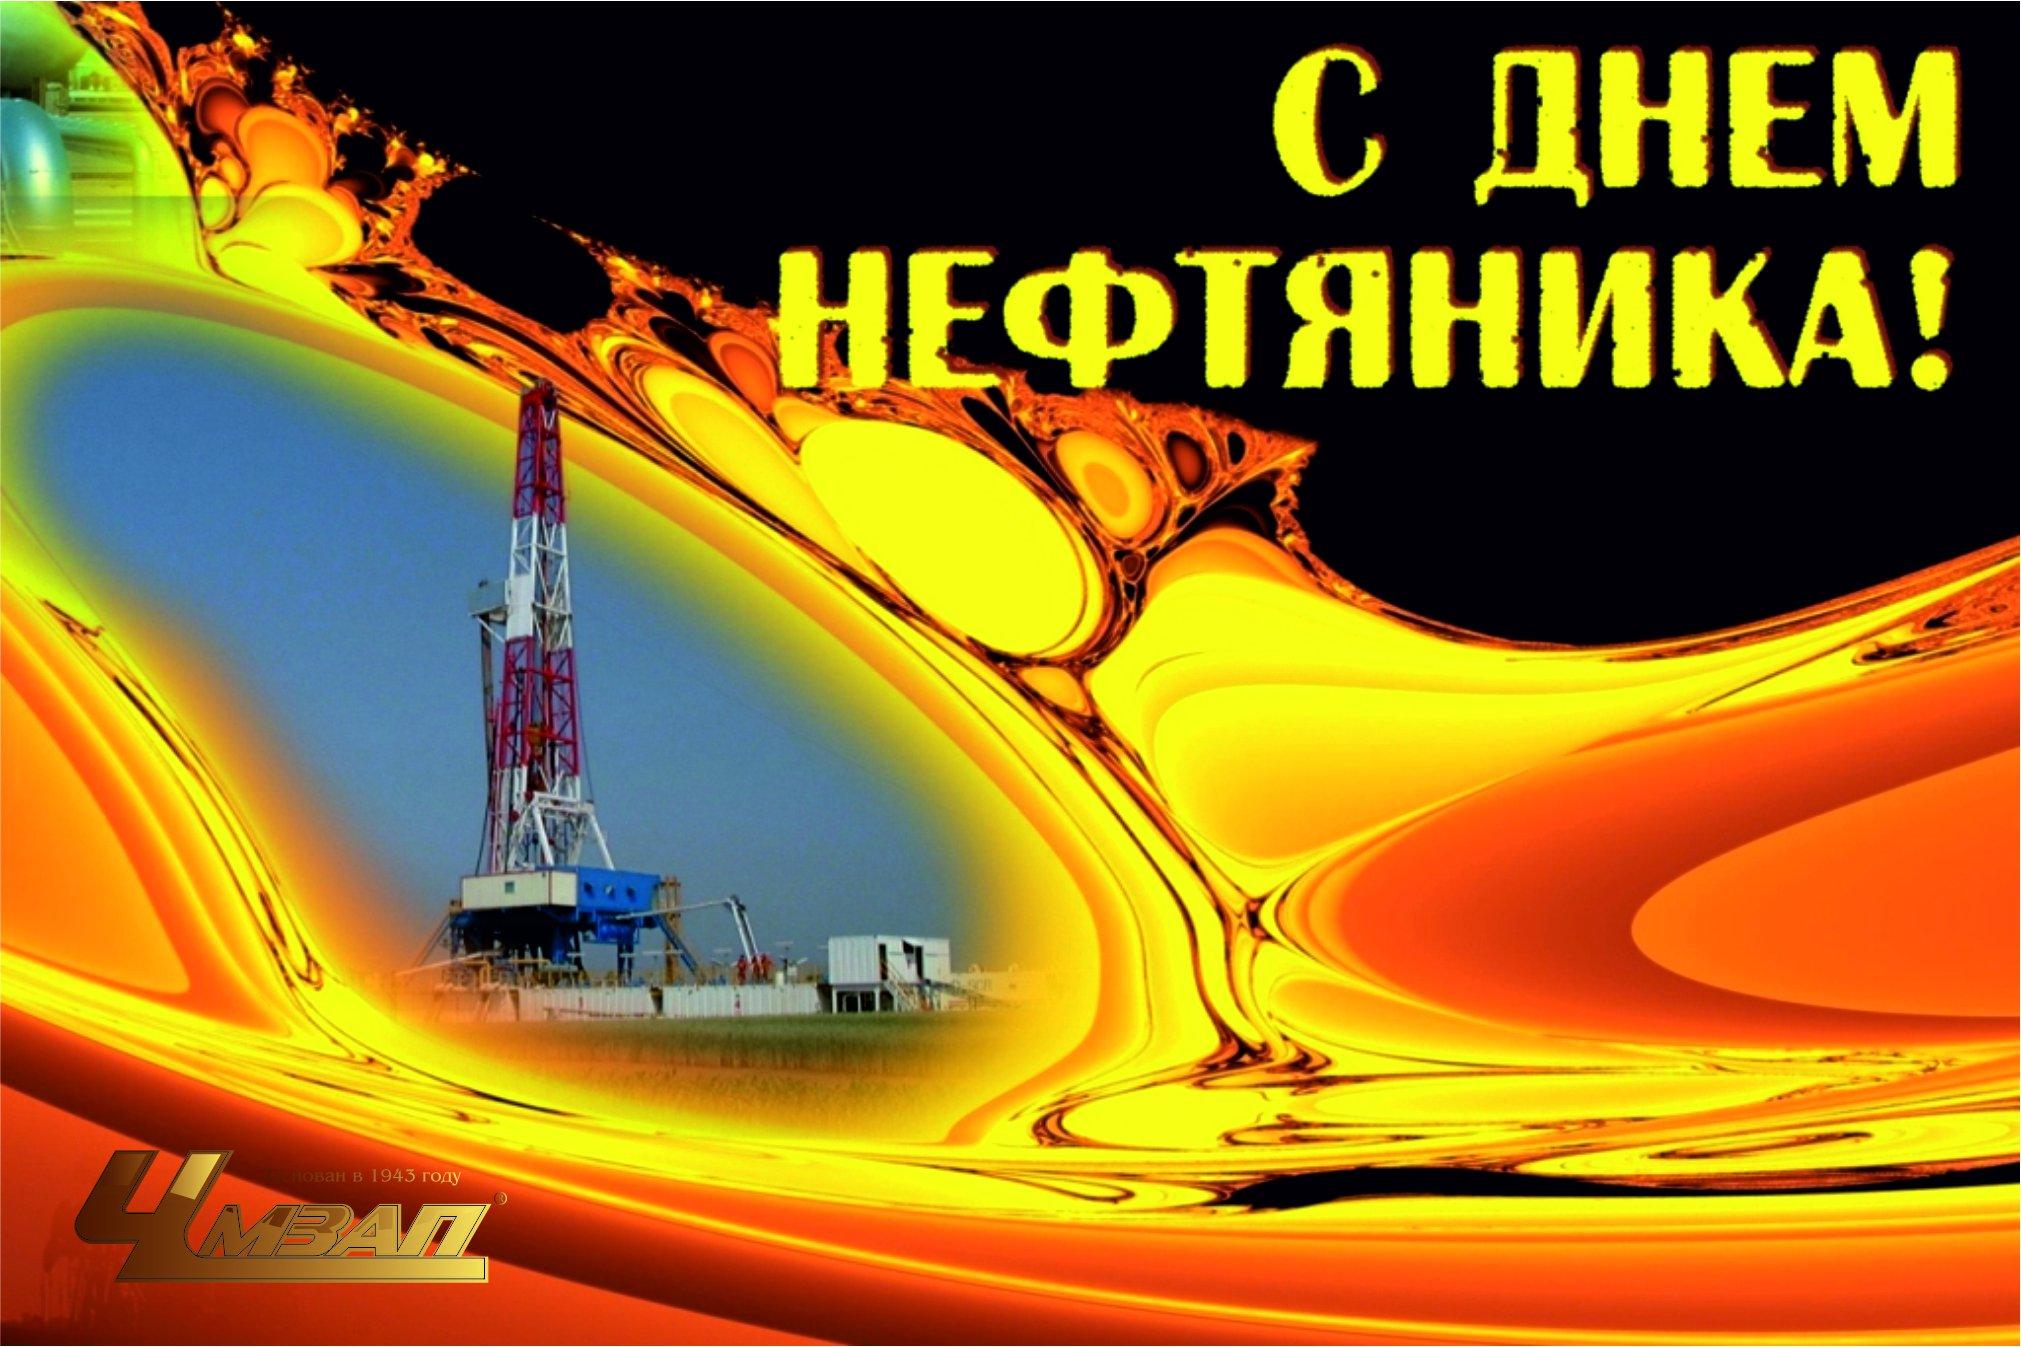 счет легкого, поздравление с днем нефтяника сыну аберрация выглядит